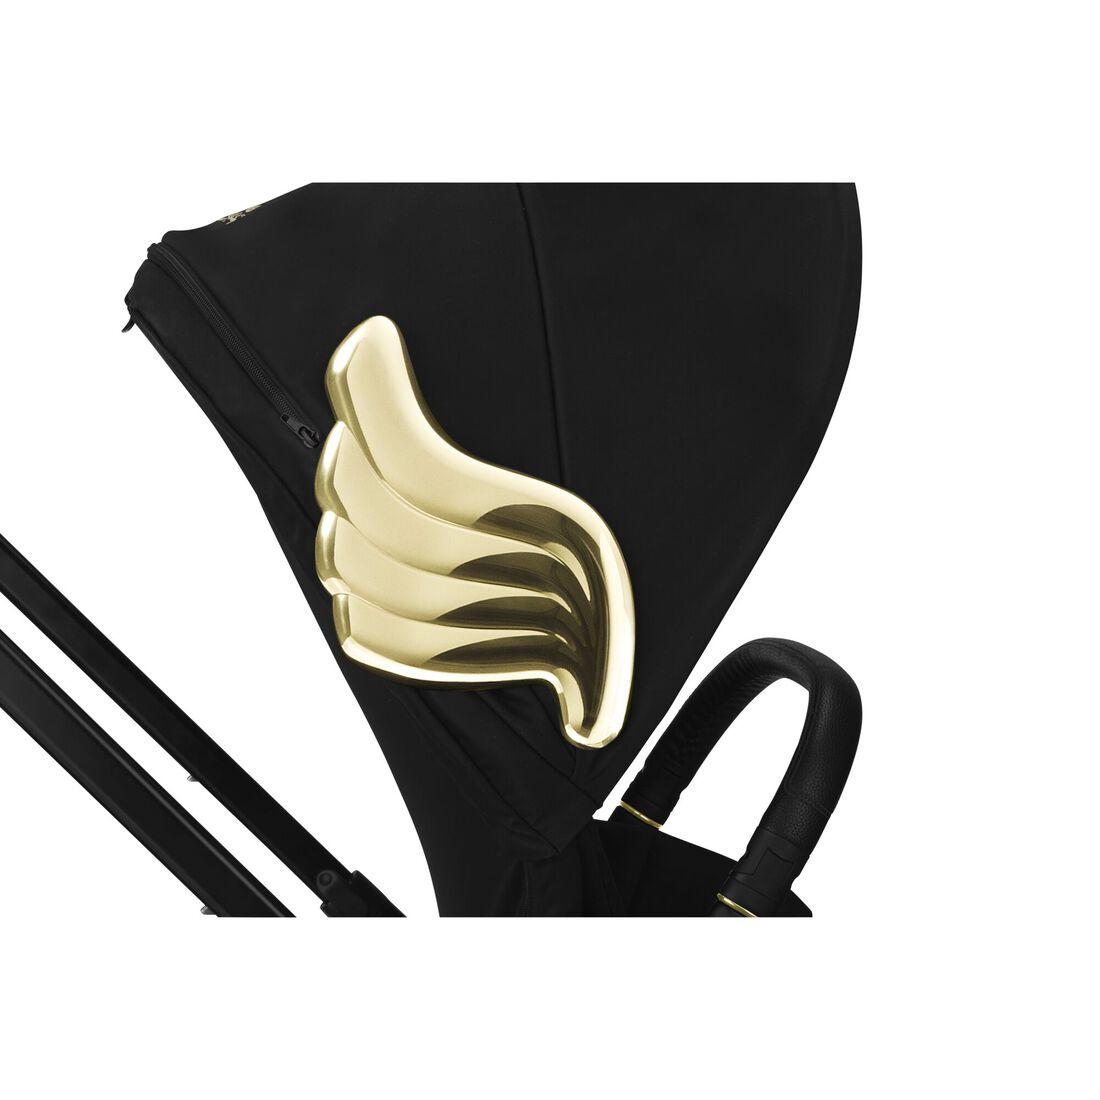 CYBEX e-Priam Jeremy Scott - Wings in Wings large Bild 3